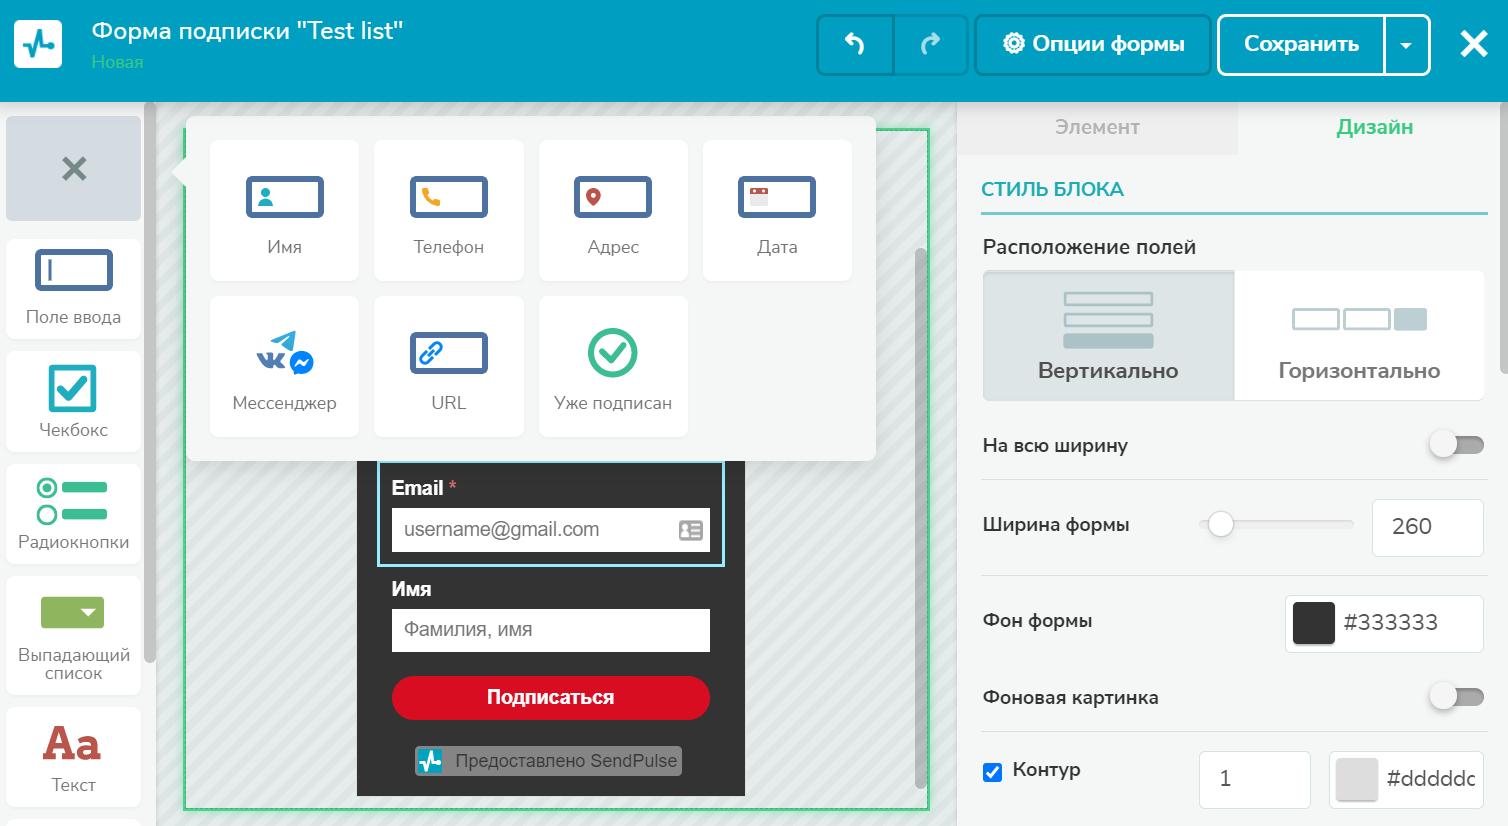 Выбор дополнительных каналов: подписка на SMS и рассылки в мессенджерах